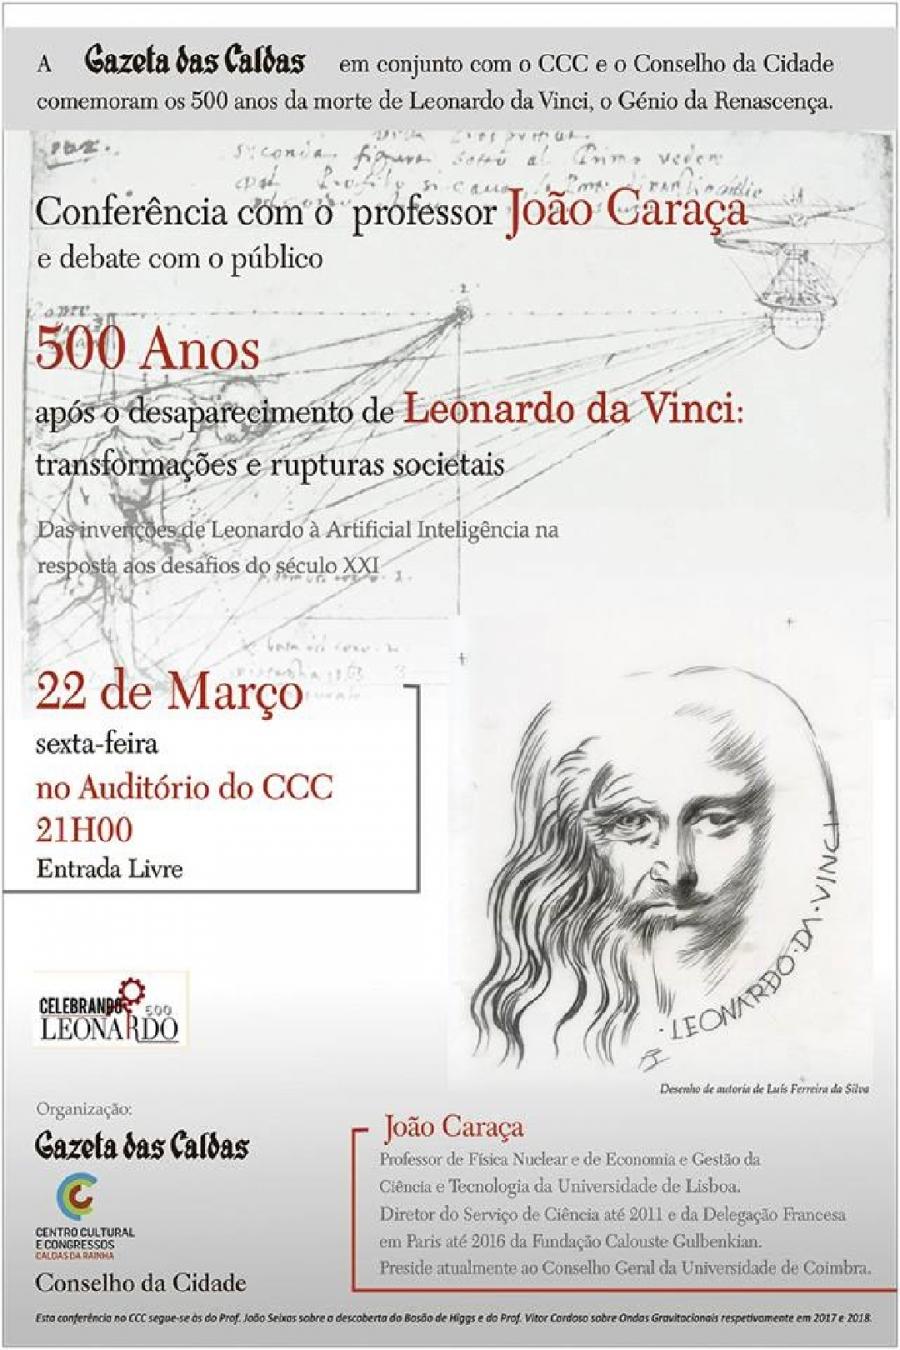 Conferência sobre os 500 anos após do desaparecimento de Leonardo da Vinci: transformações e rupturas sociais